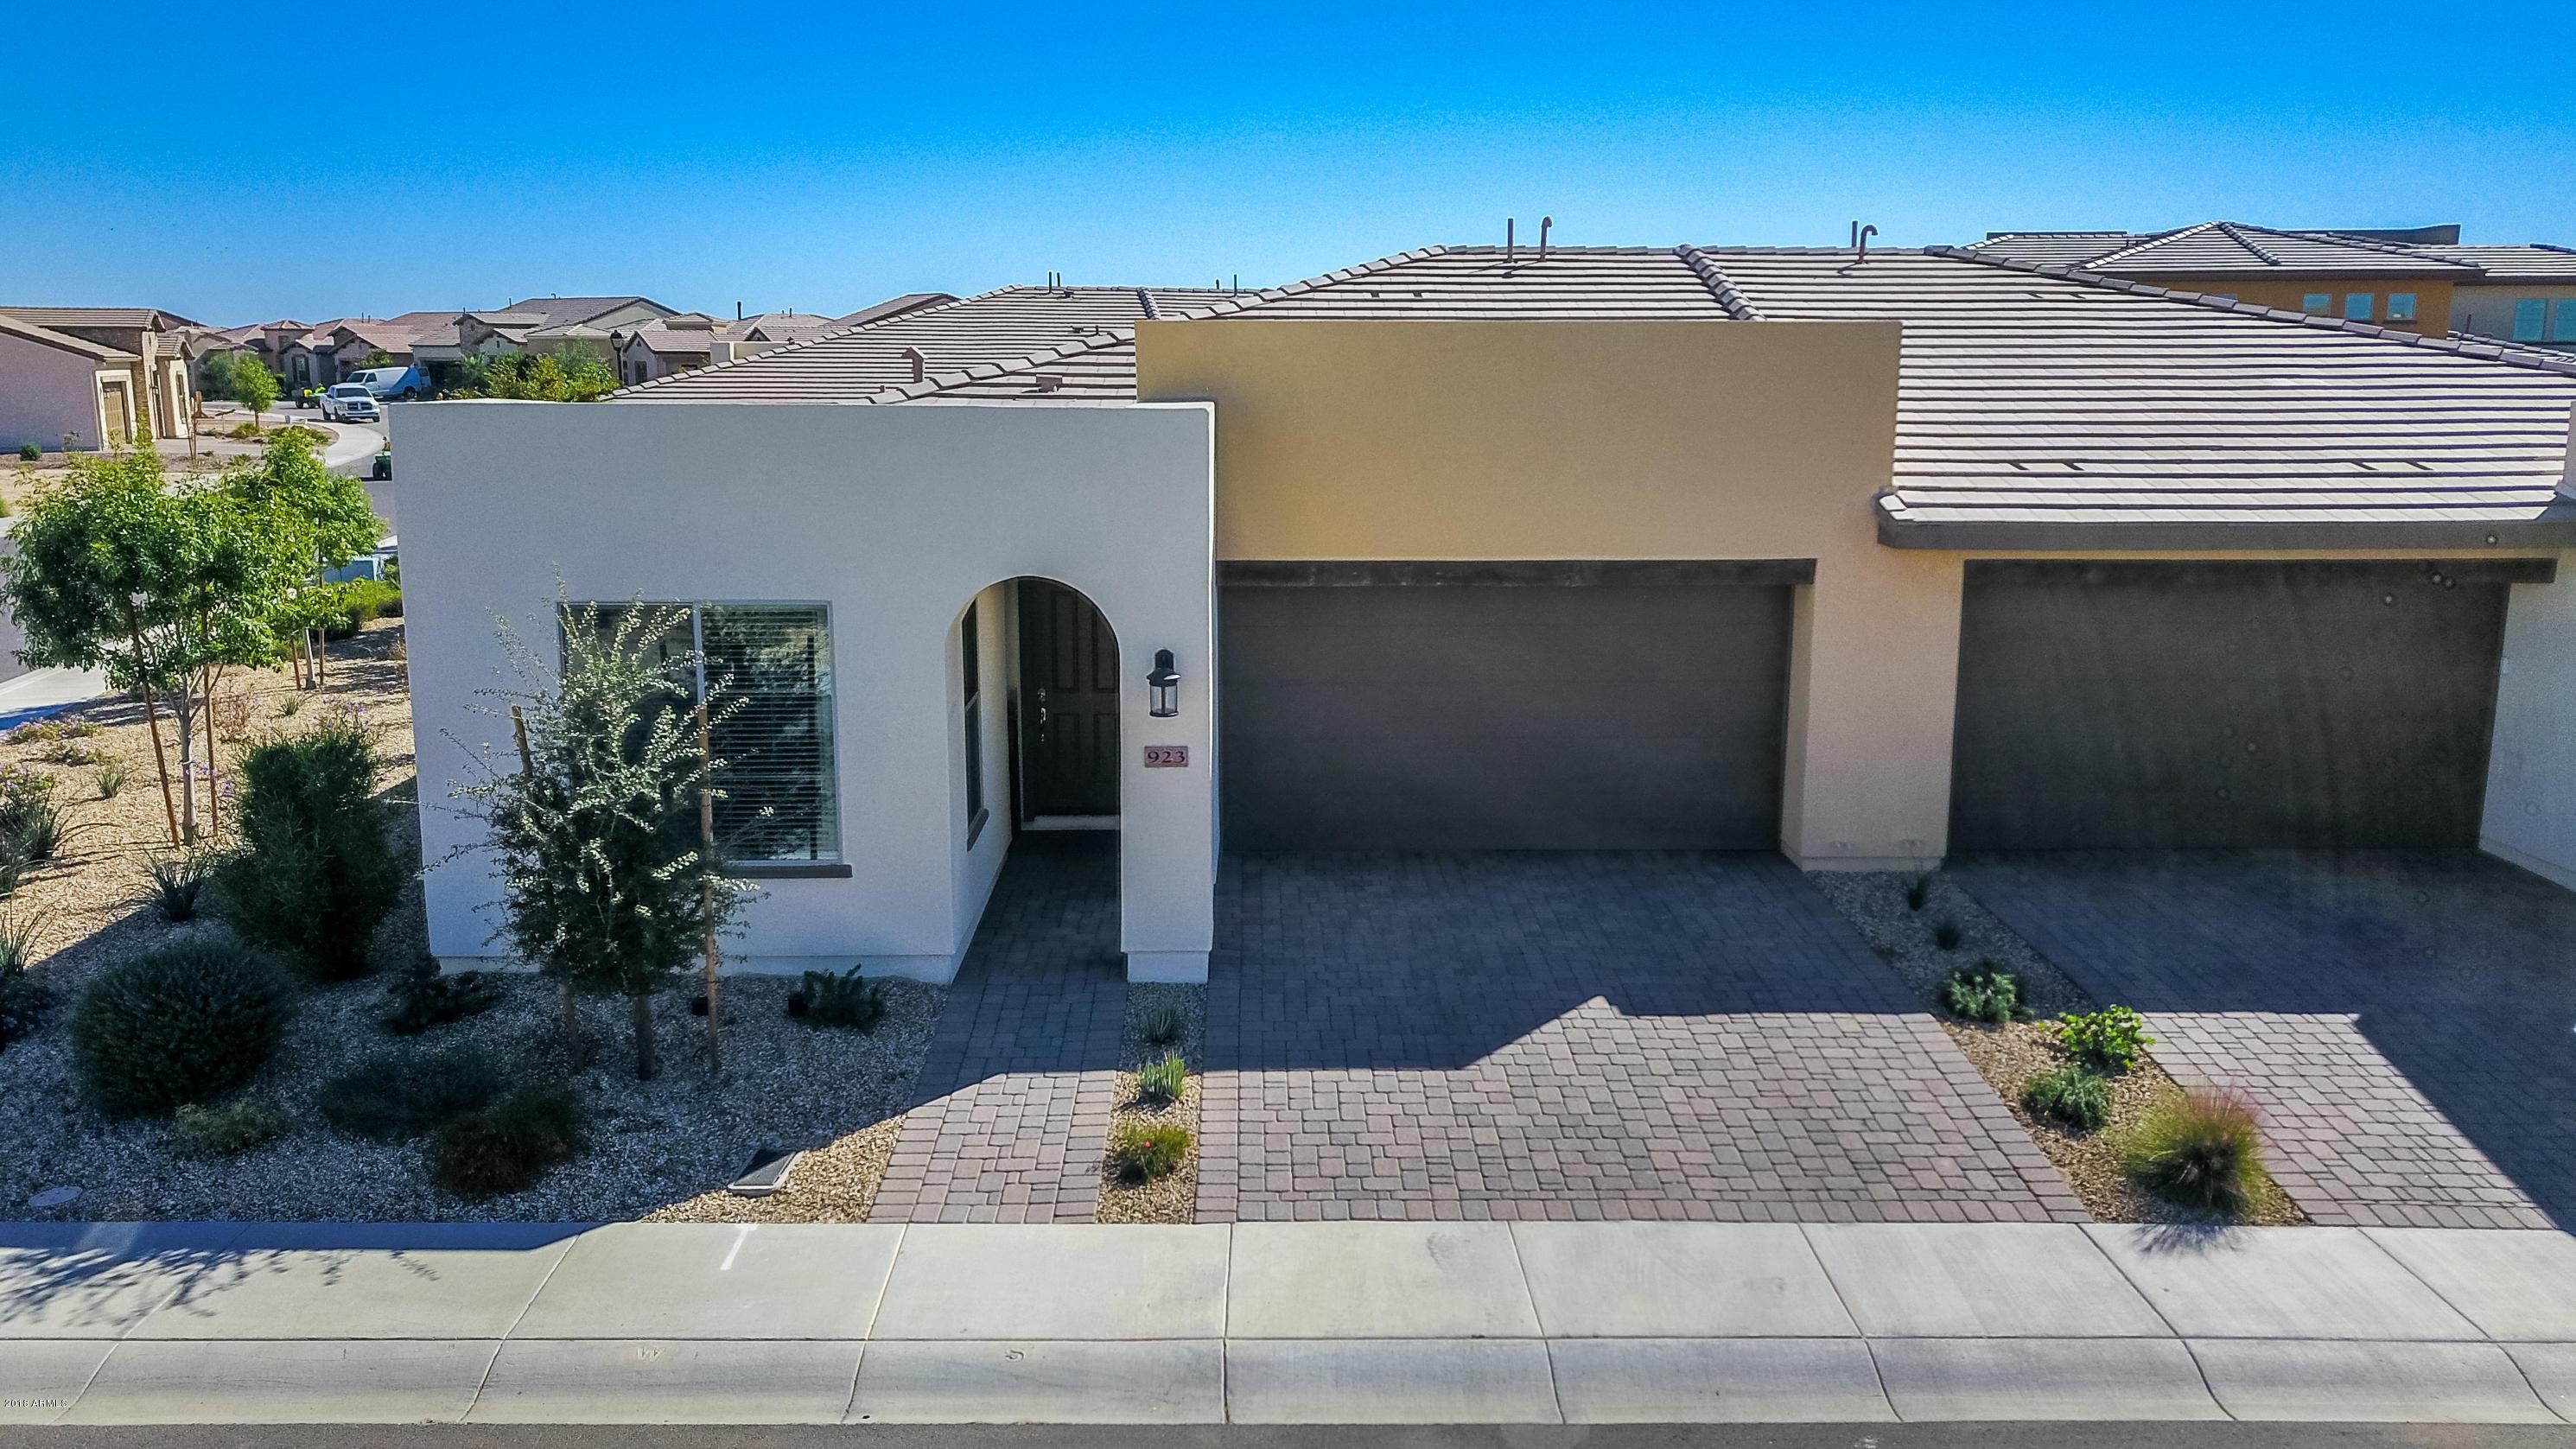 Photo for 923 E Cereus Pass, San Tan Valley, AZ 85140 (MLS # 5845860)